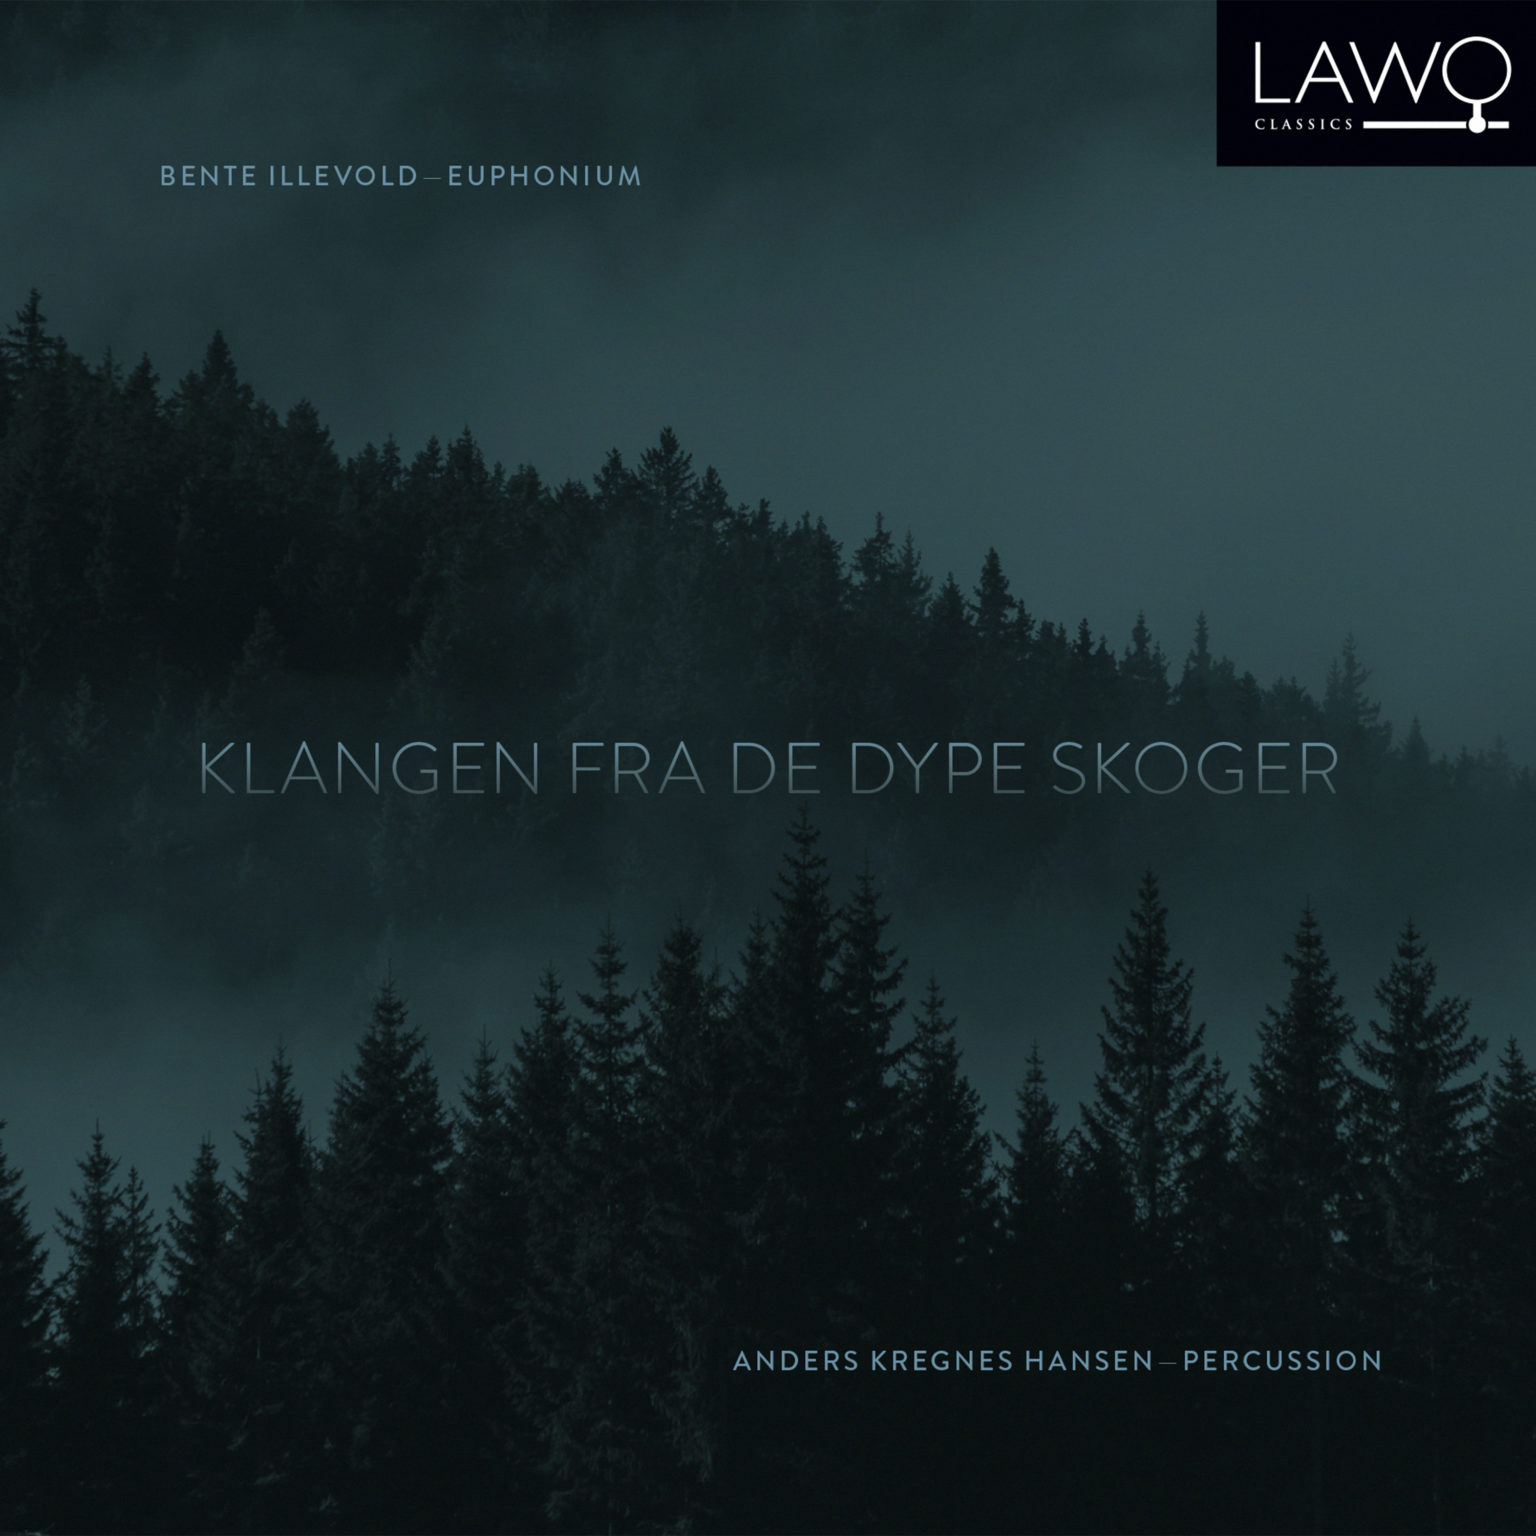 Click image for larger version.  Name:LWC1195_Bente_Illevold_Klangen_fra_de_dype_skoger_cover_3000x3000px-1536x1536.jpg Views:312 Size:174.8 KB ID:7720